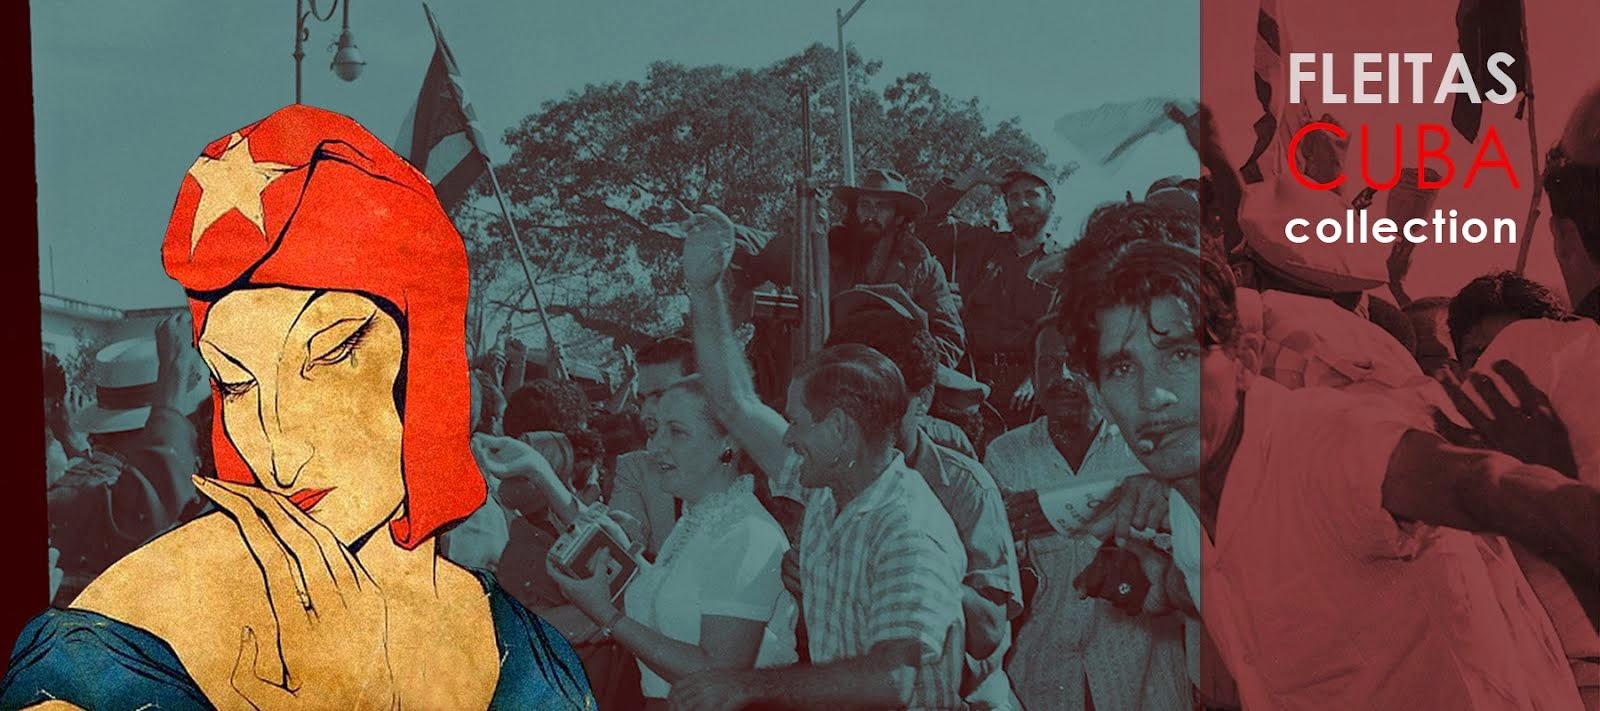 CARLOS ALBERTO FLEITAS CUBA COLLECTION